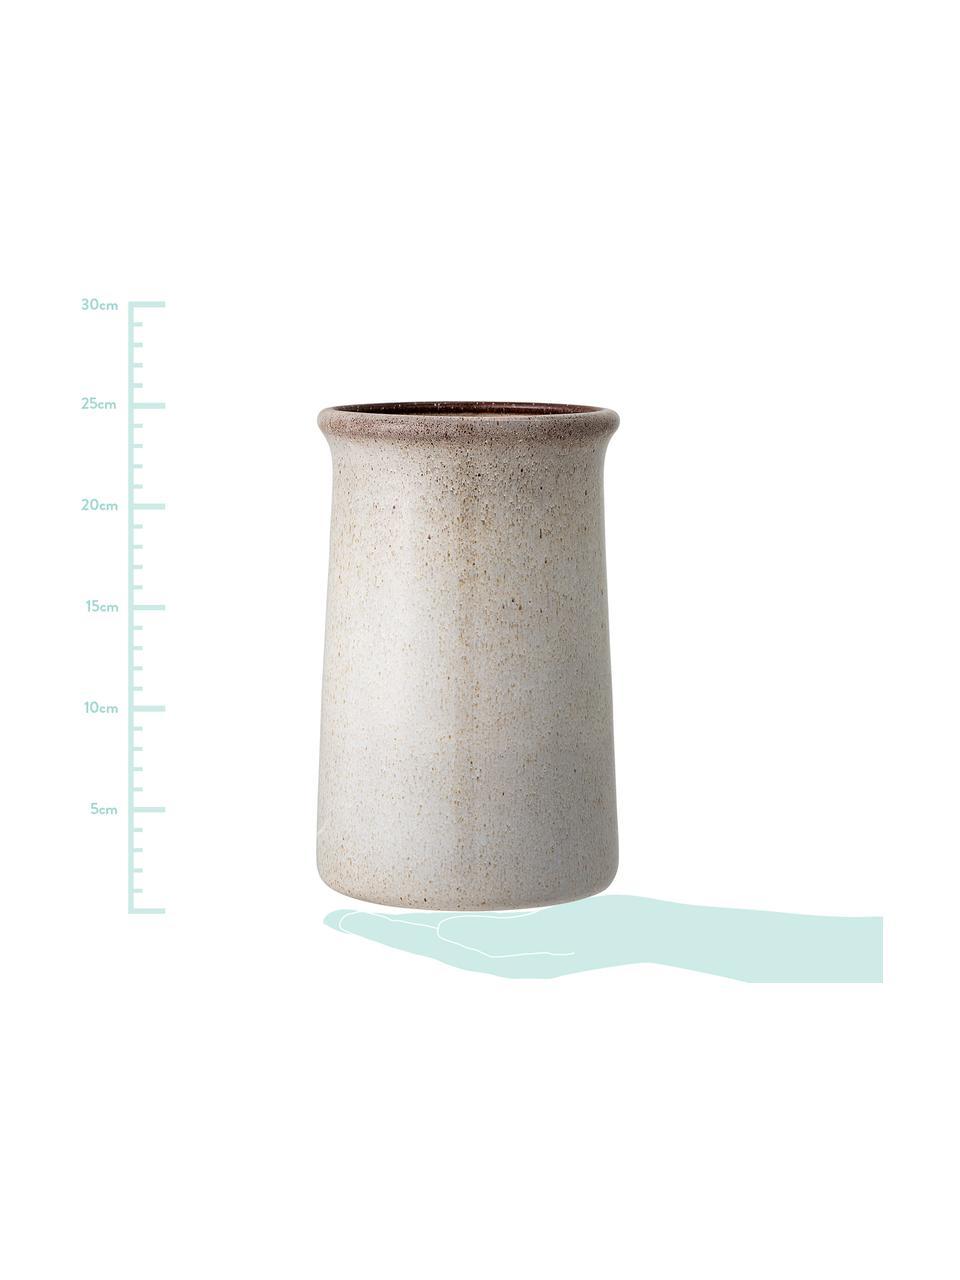 Handgemachter Flaschenkühler Sandrine in Beige, Steingut, Beigetöne, Ø 15 x H 23 cm